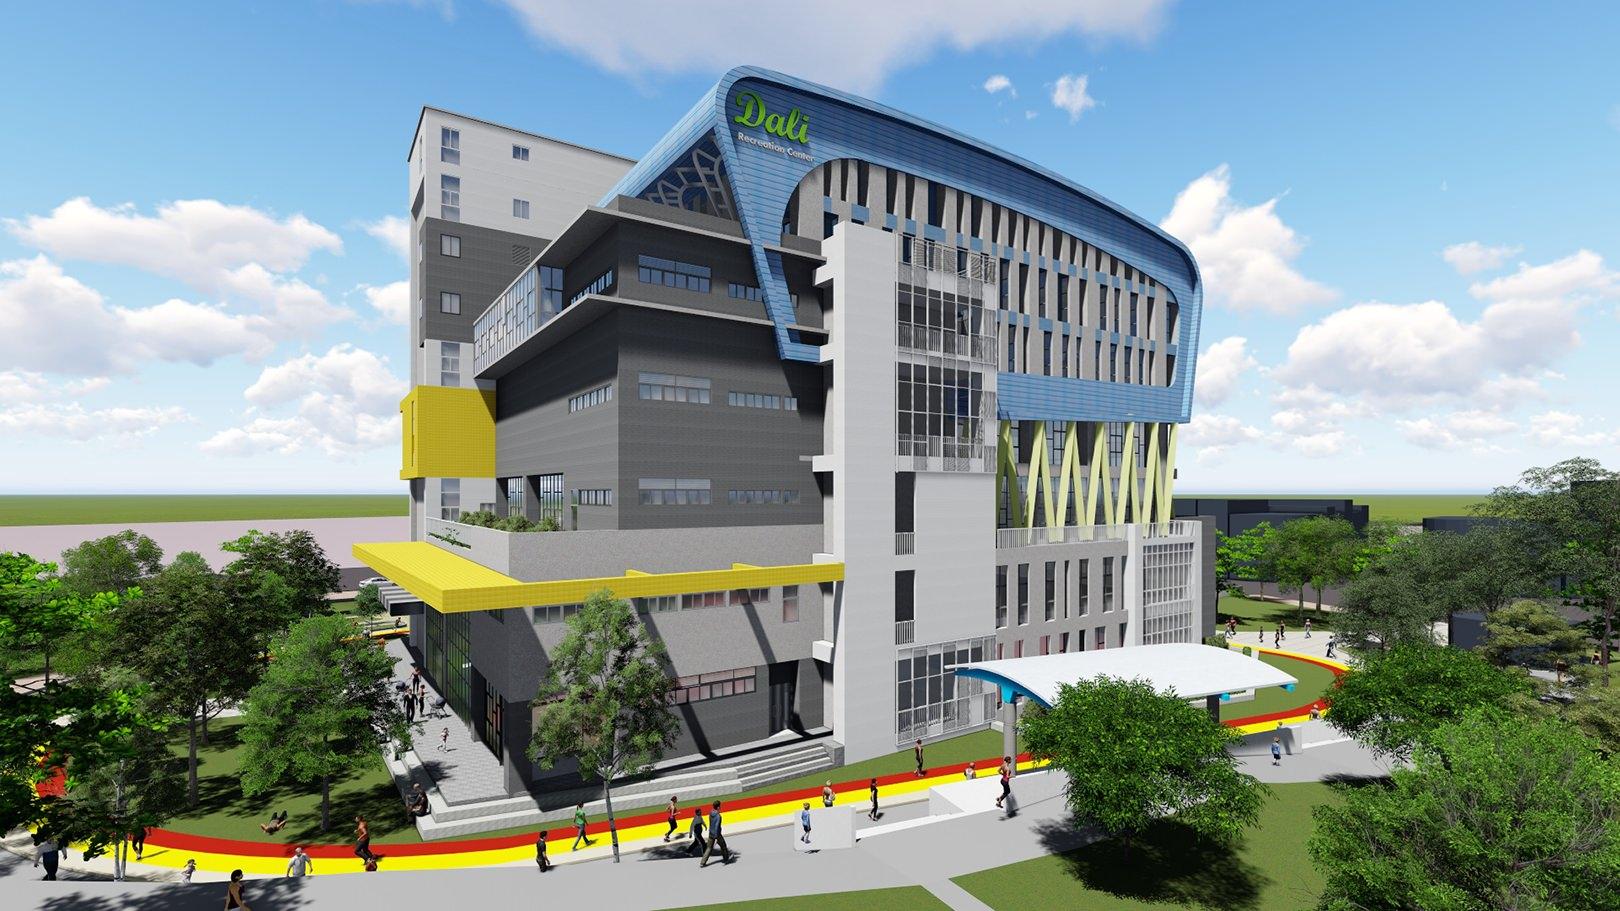 台中第五座國民運動中心動工啦!大里國民運動中心預計2020年10月完工